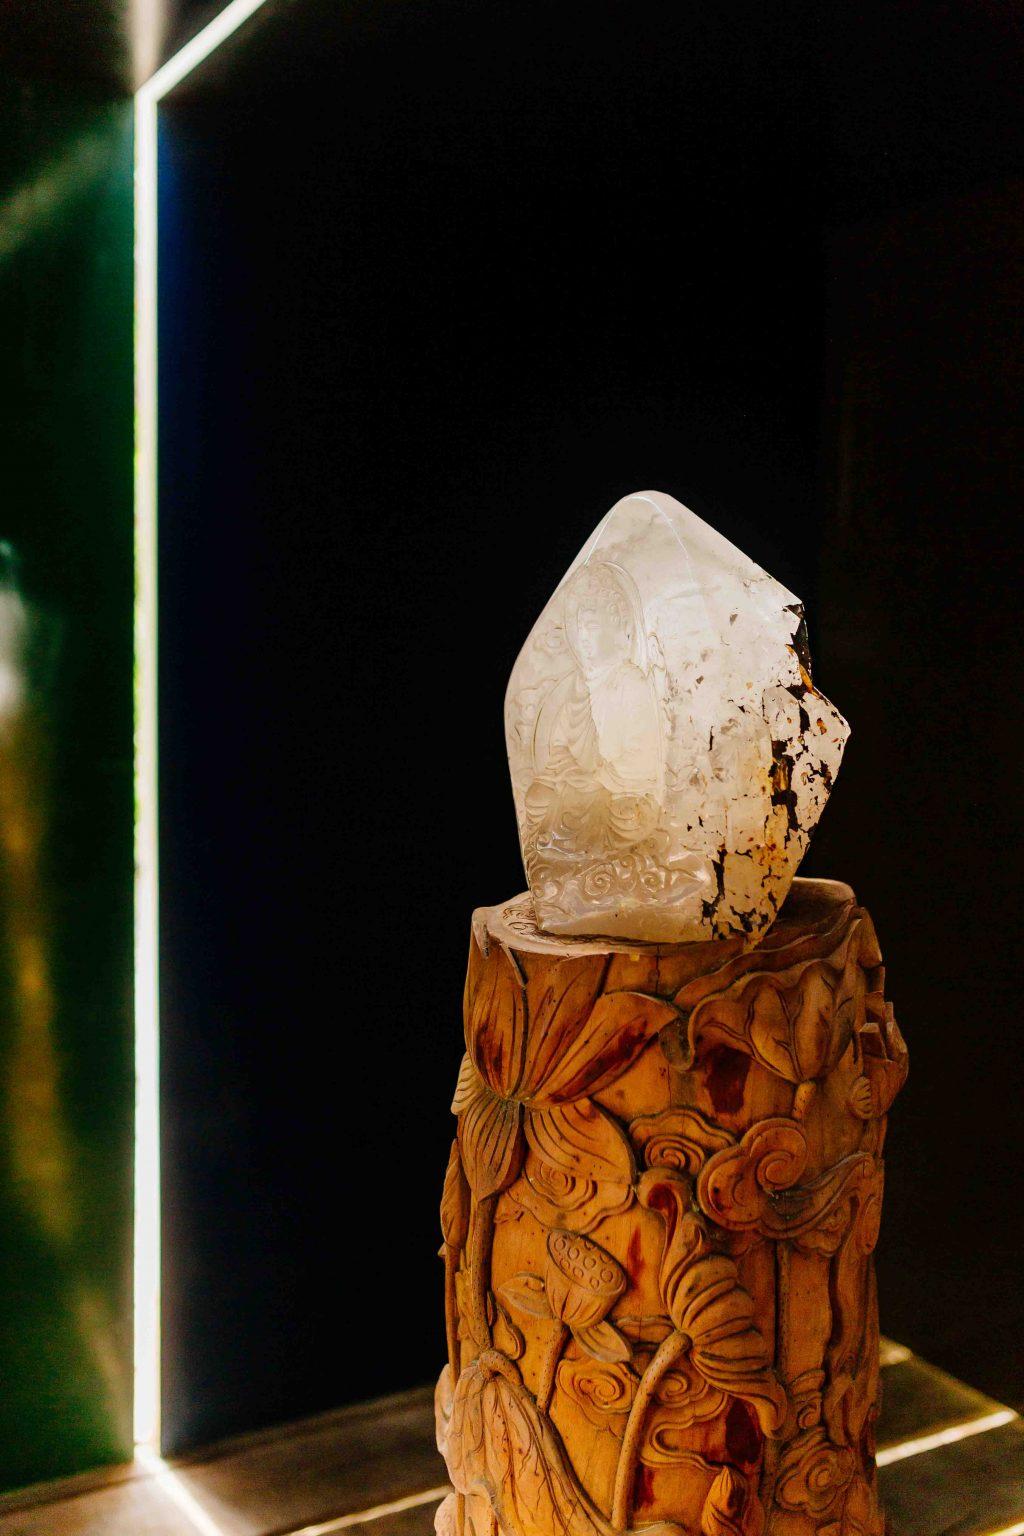 Ánh nắng xuyên qua khe hở giữa 2 phiến đá, rọi thẳng vào tượng Phât